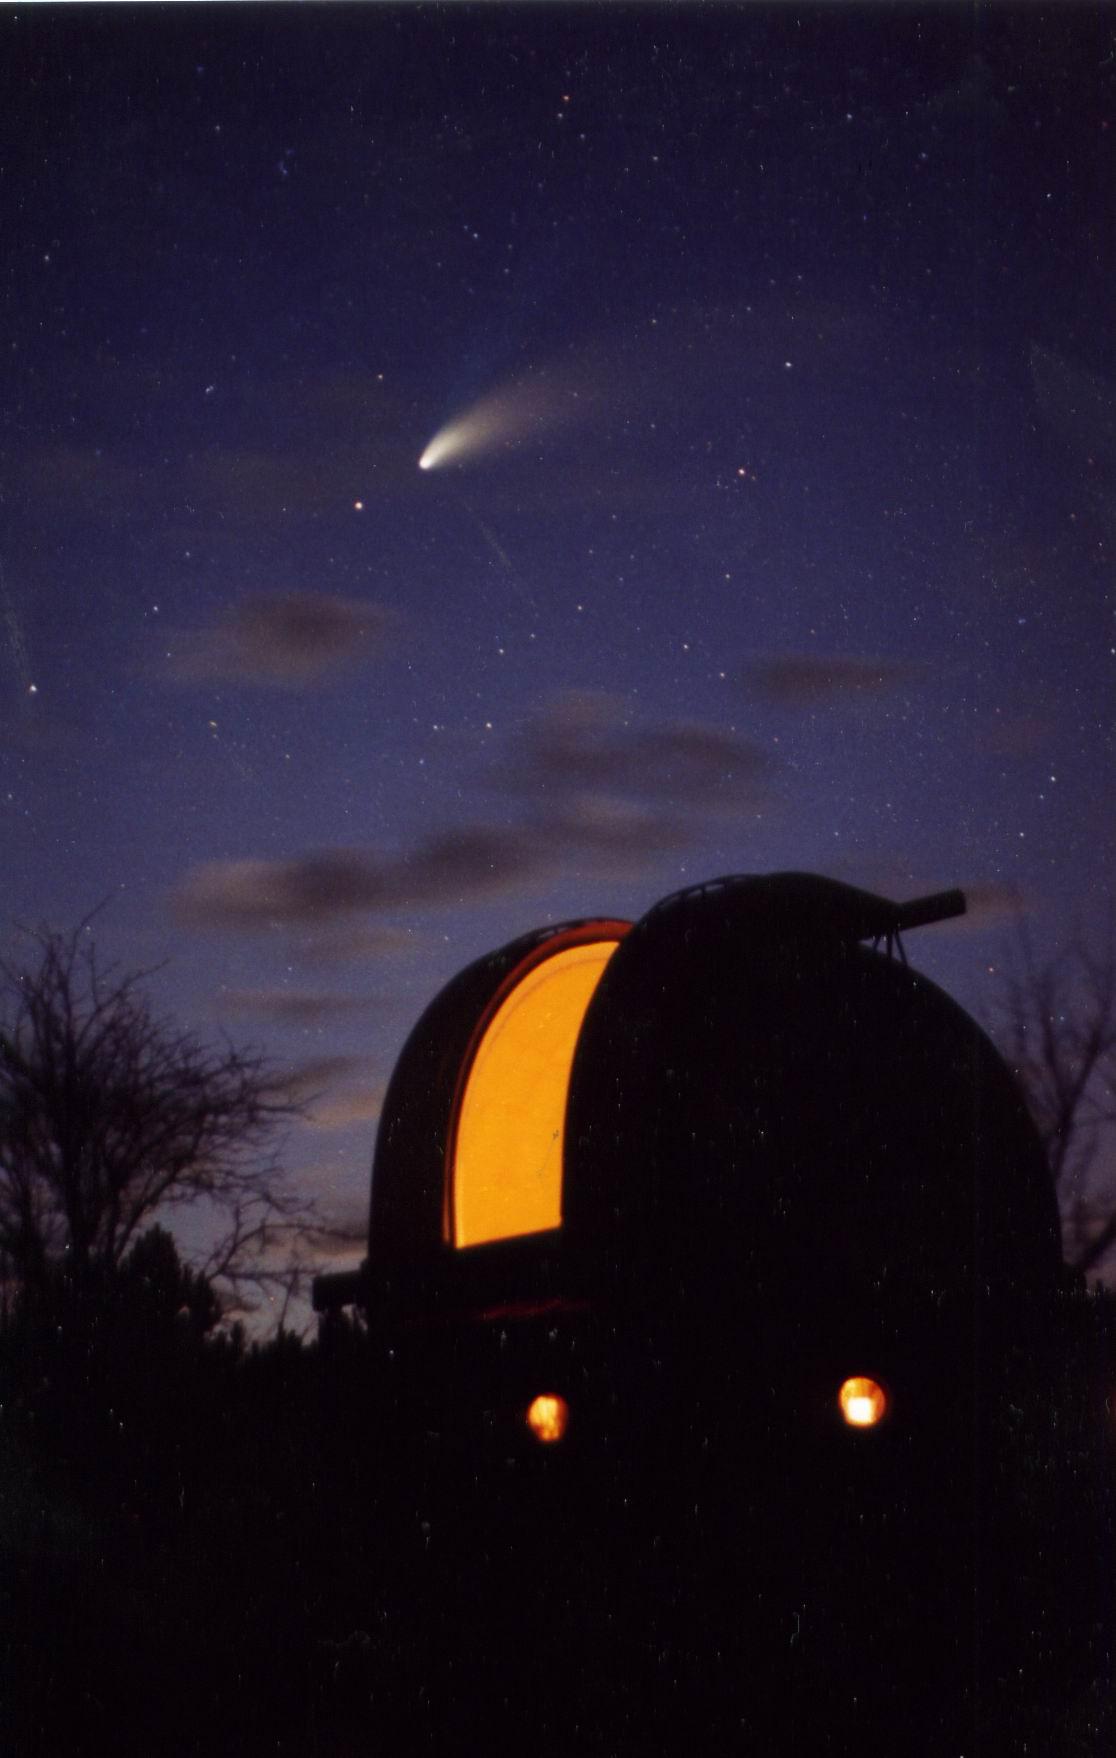 Комета, наблюдения в Крымской астрофизической обсерватории, Научное